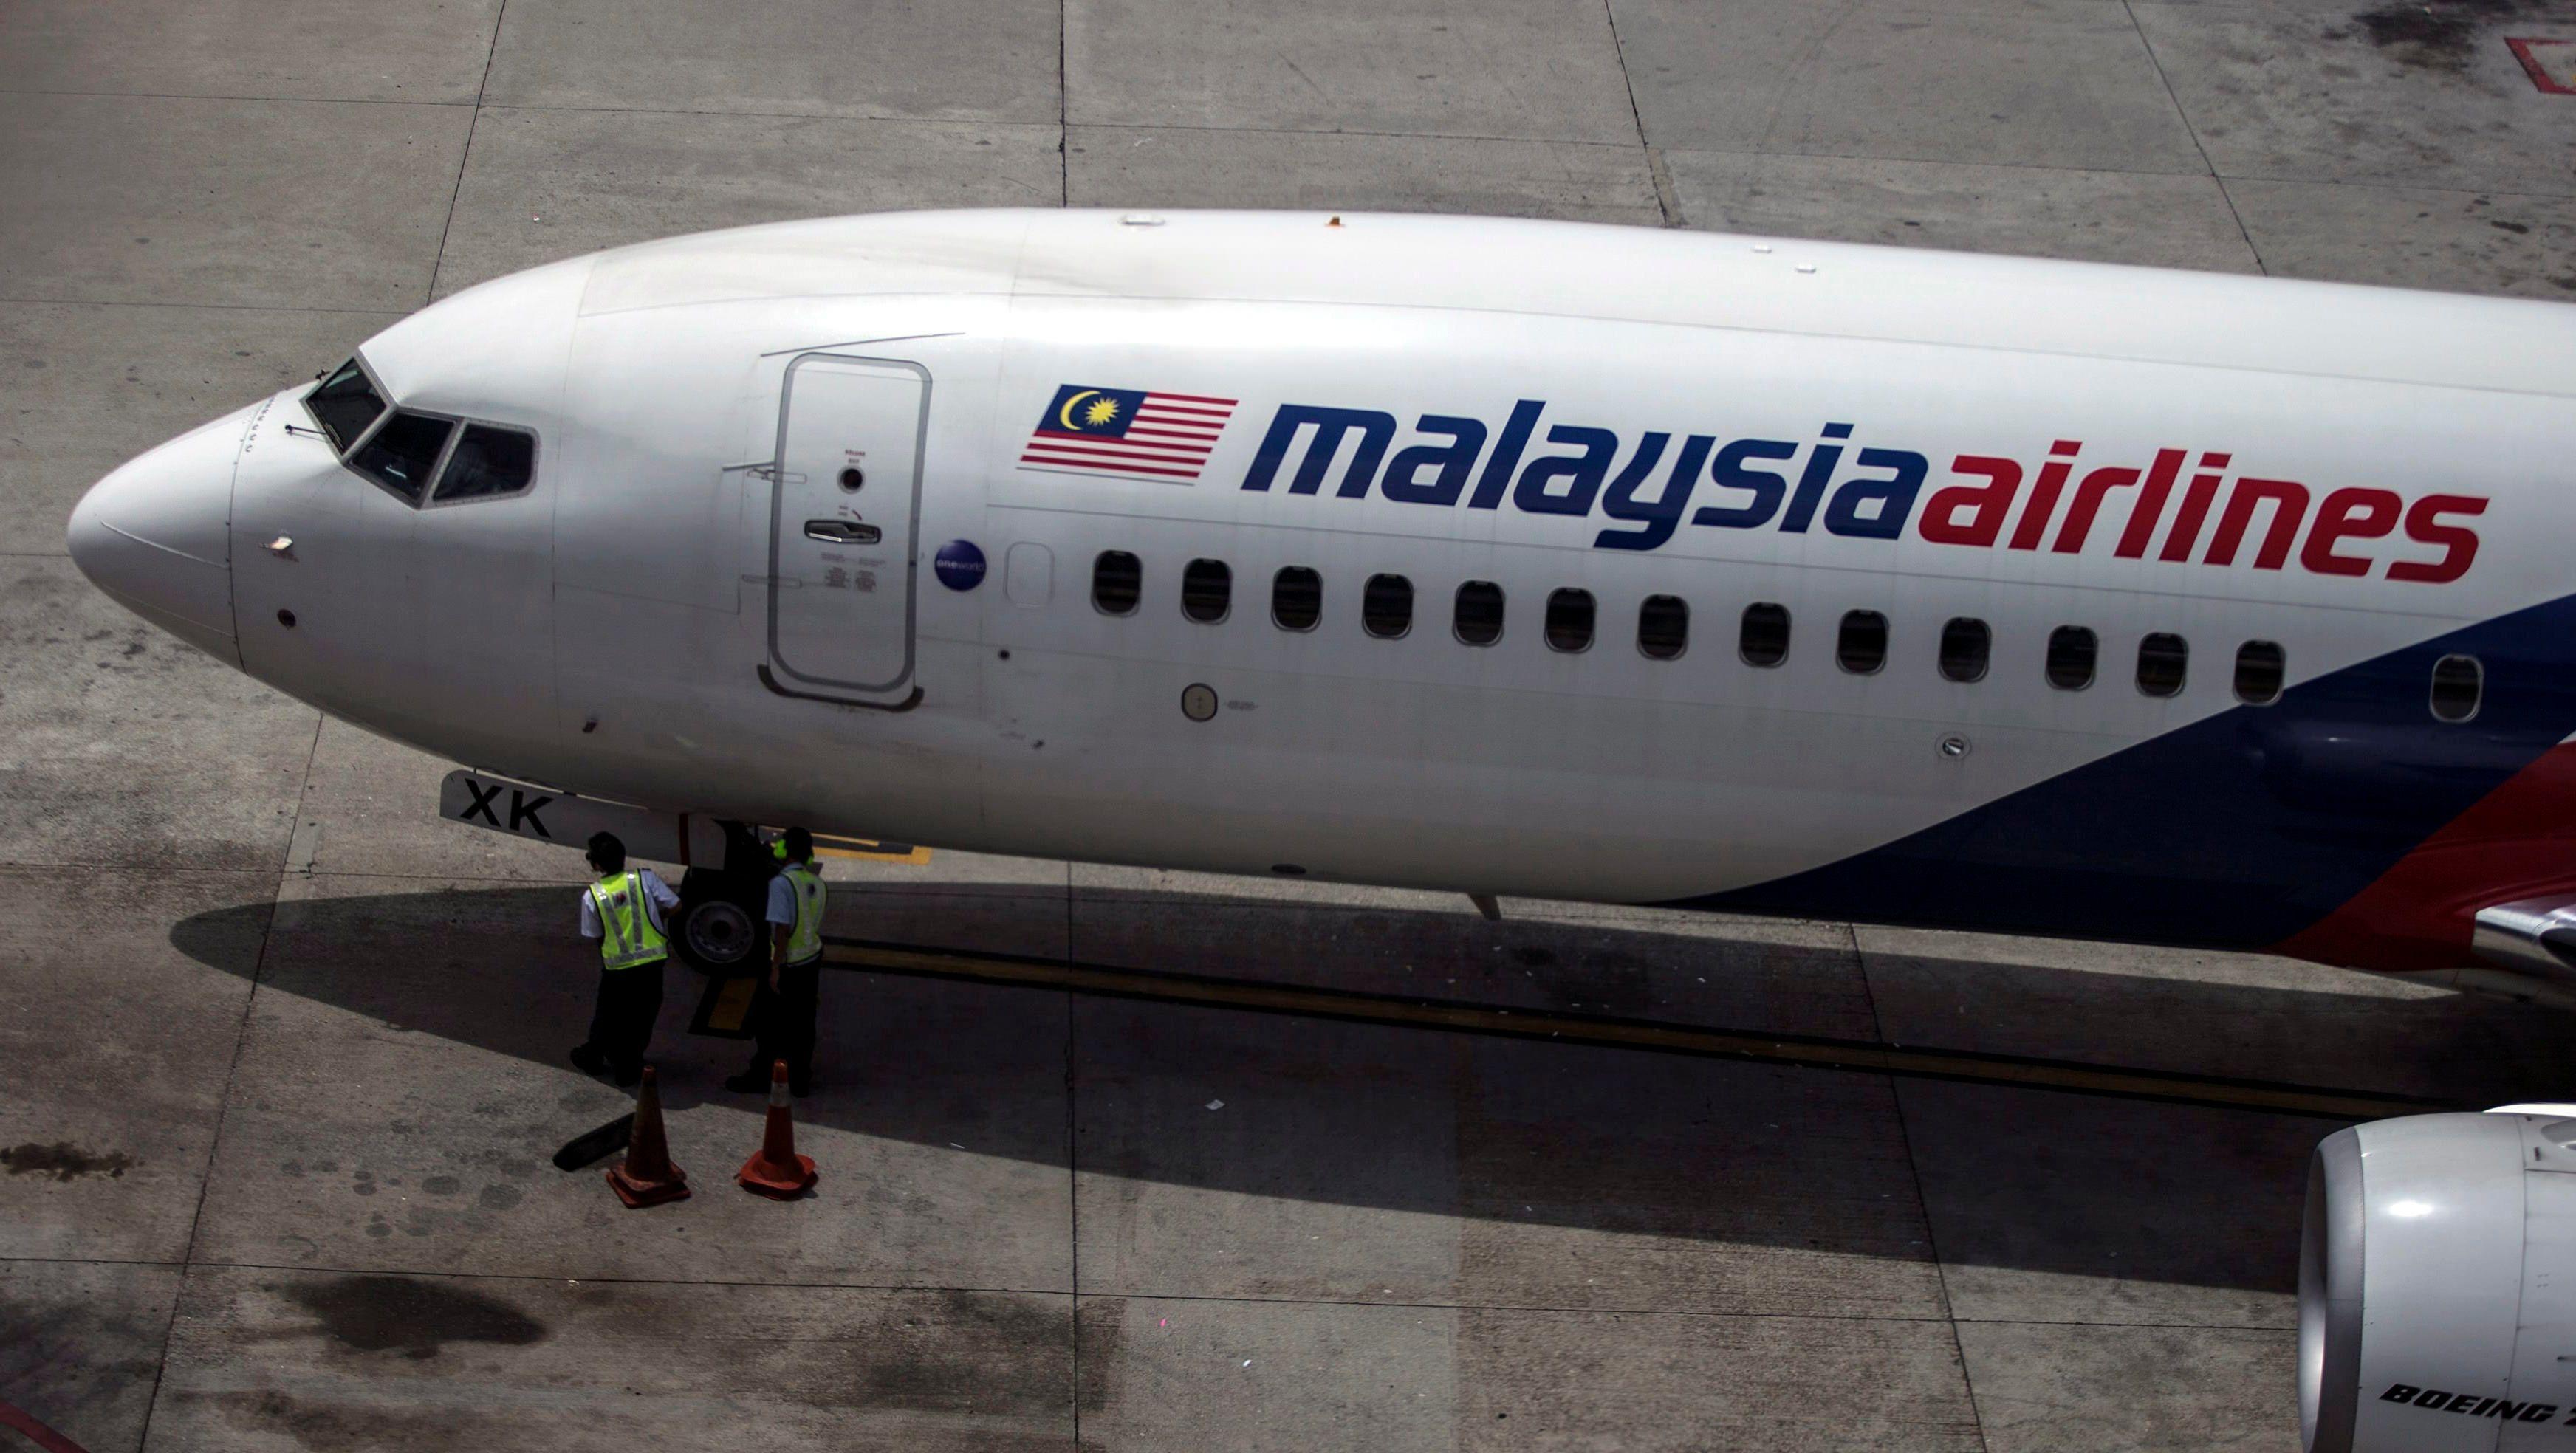 La búsqueda del avión malasio desaparecido finalizará el 29 de mayo